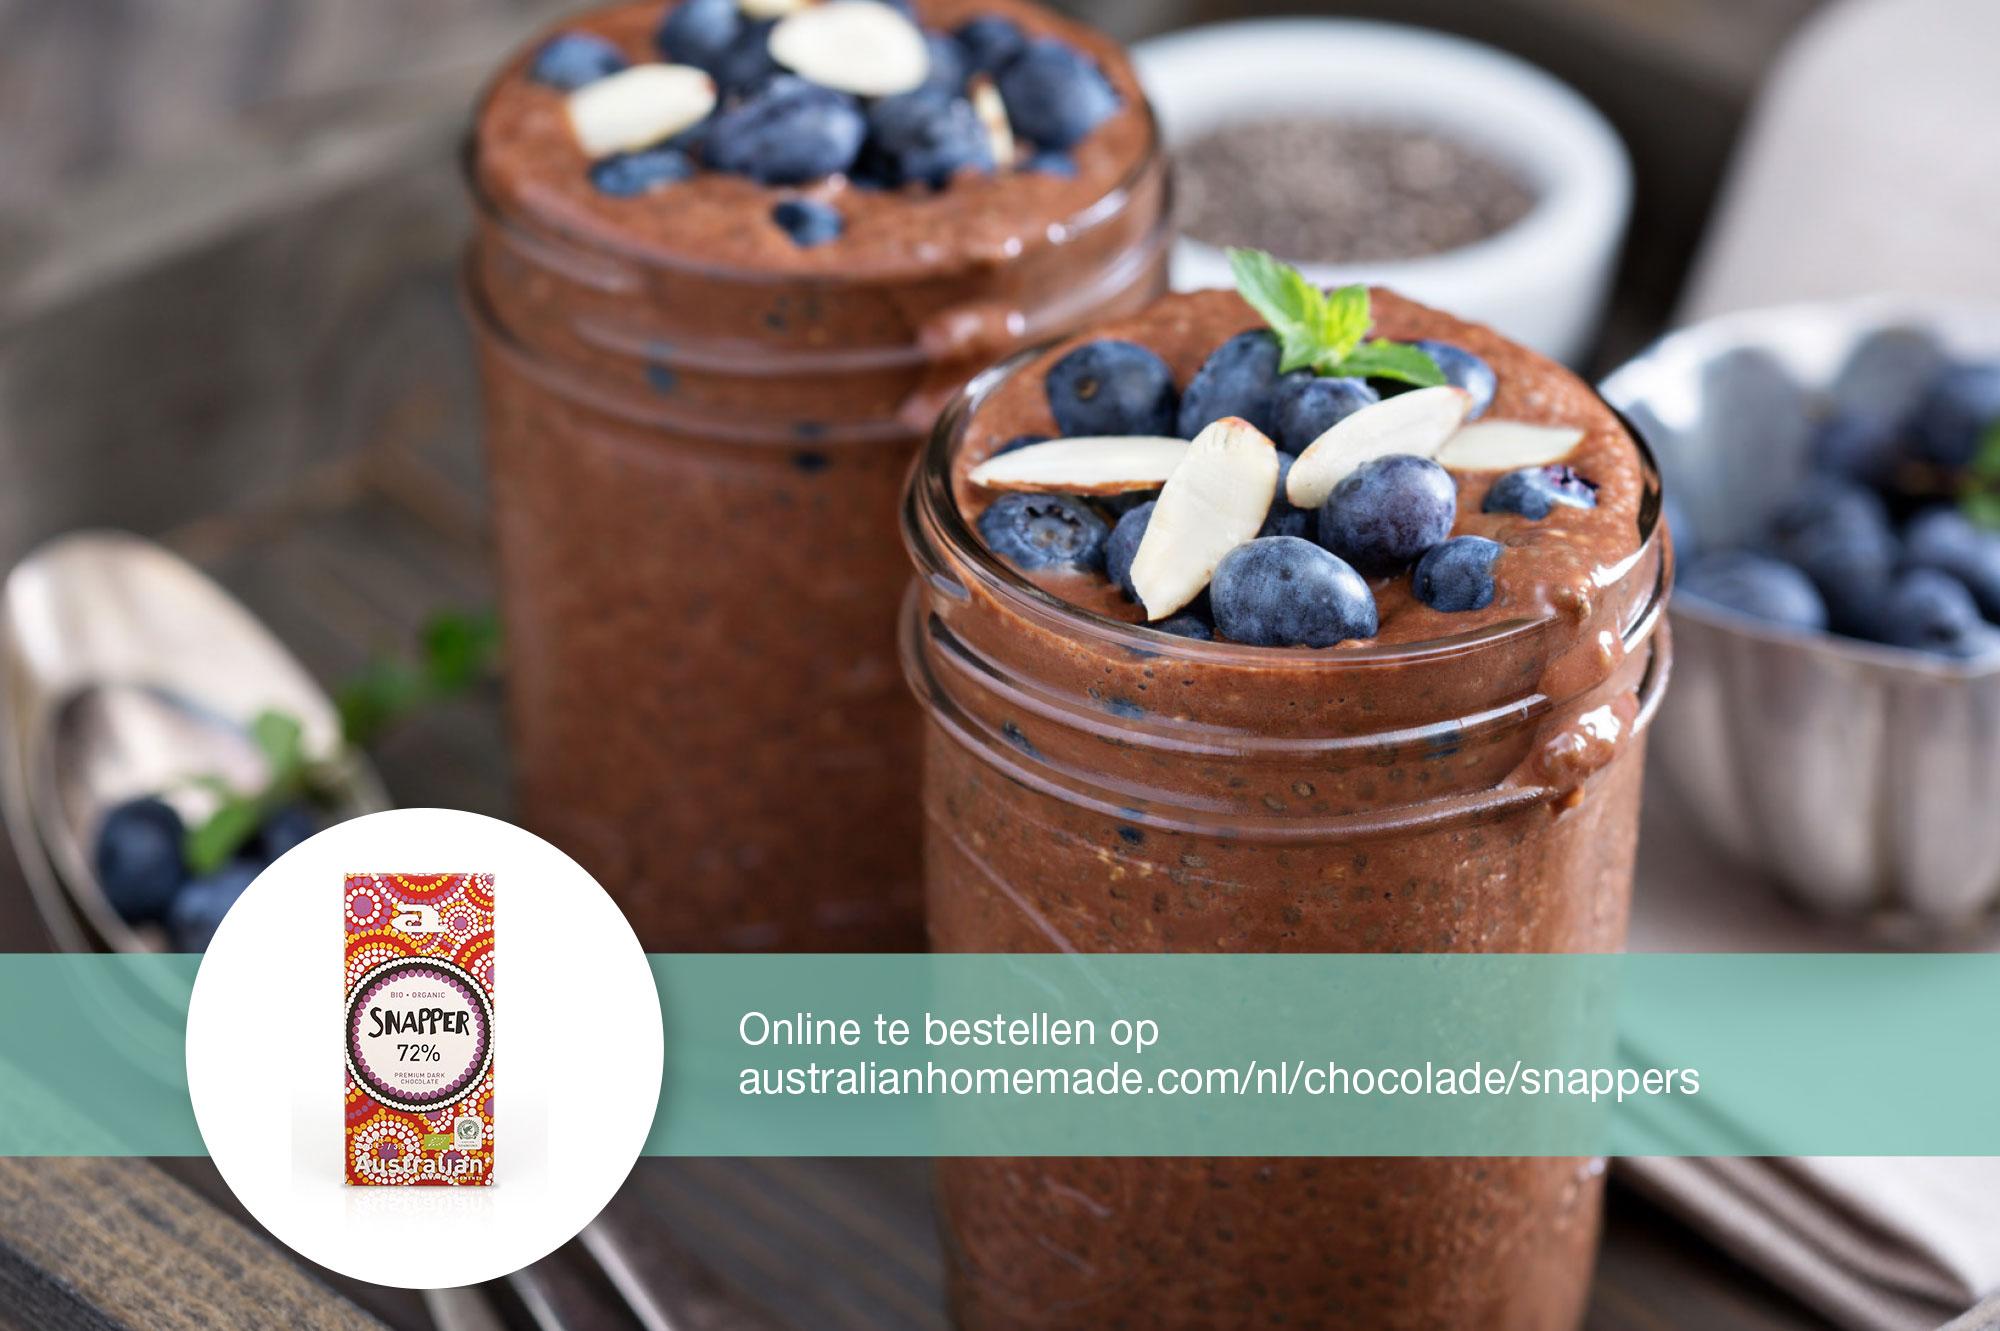 Recept chocolademousse blauwe bessen amandel | Bedrijfscatering | De Groene Artisanen